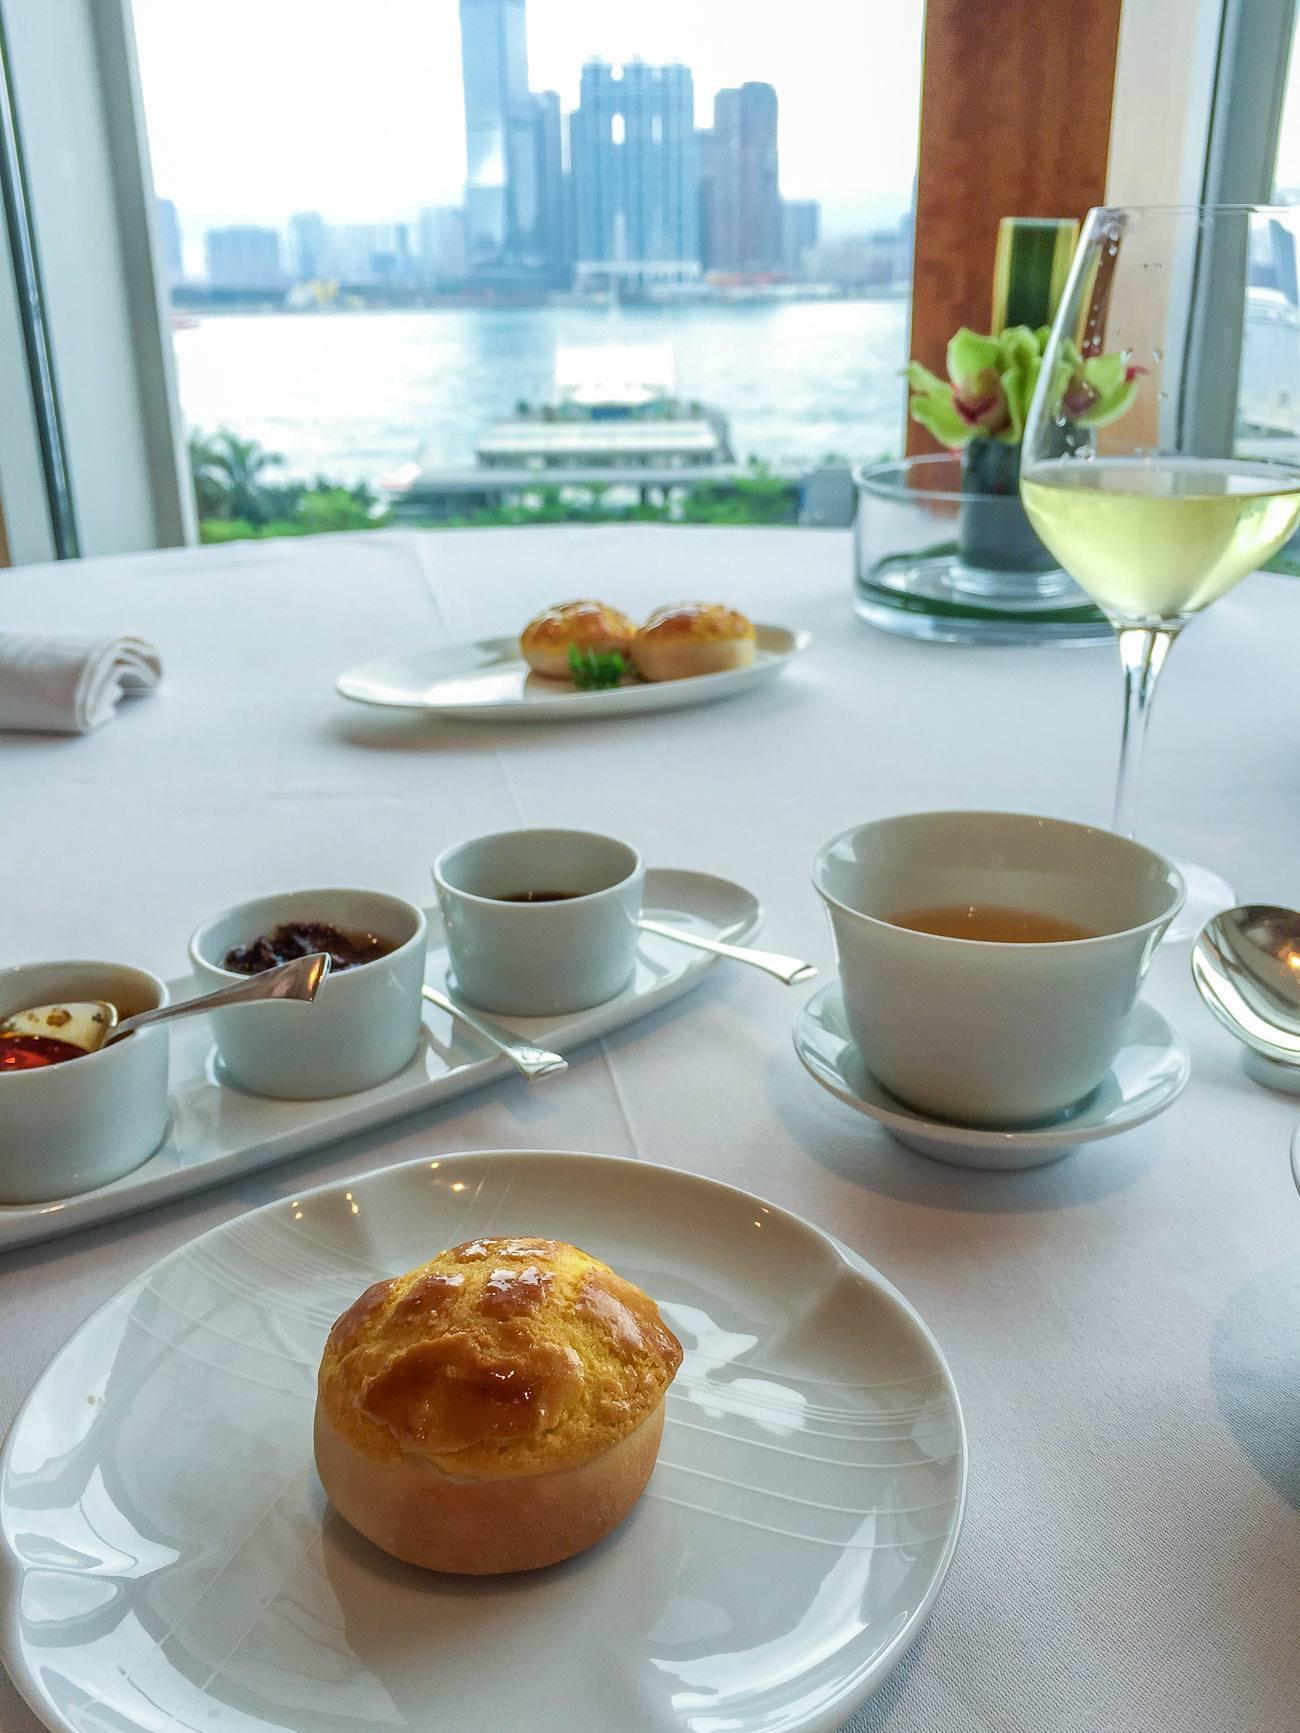 Lung King Heen restaurant at Four Seasons Hotel Hong Kong